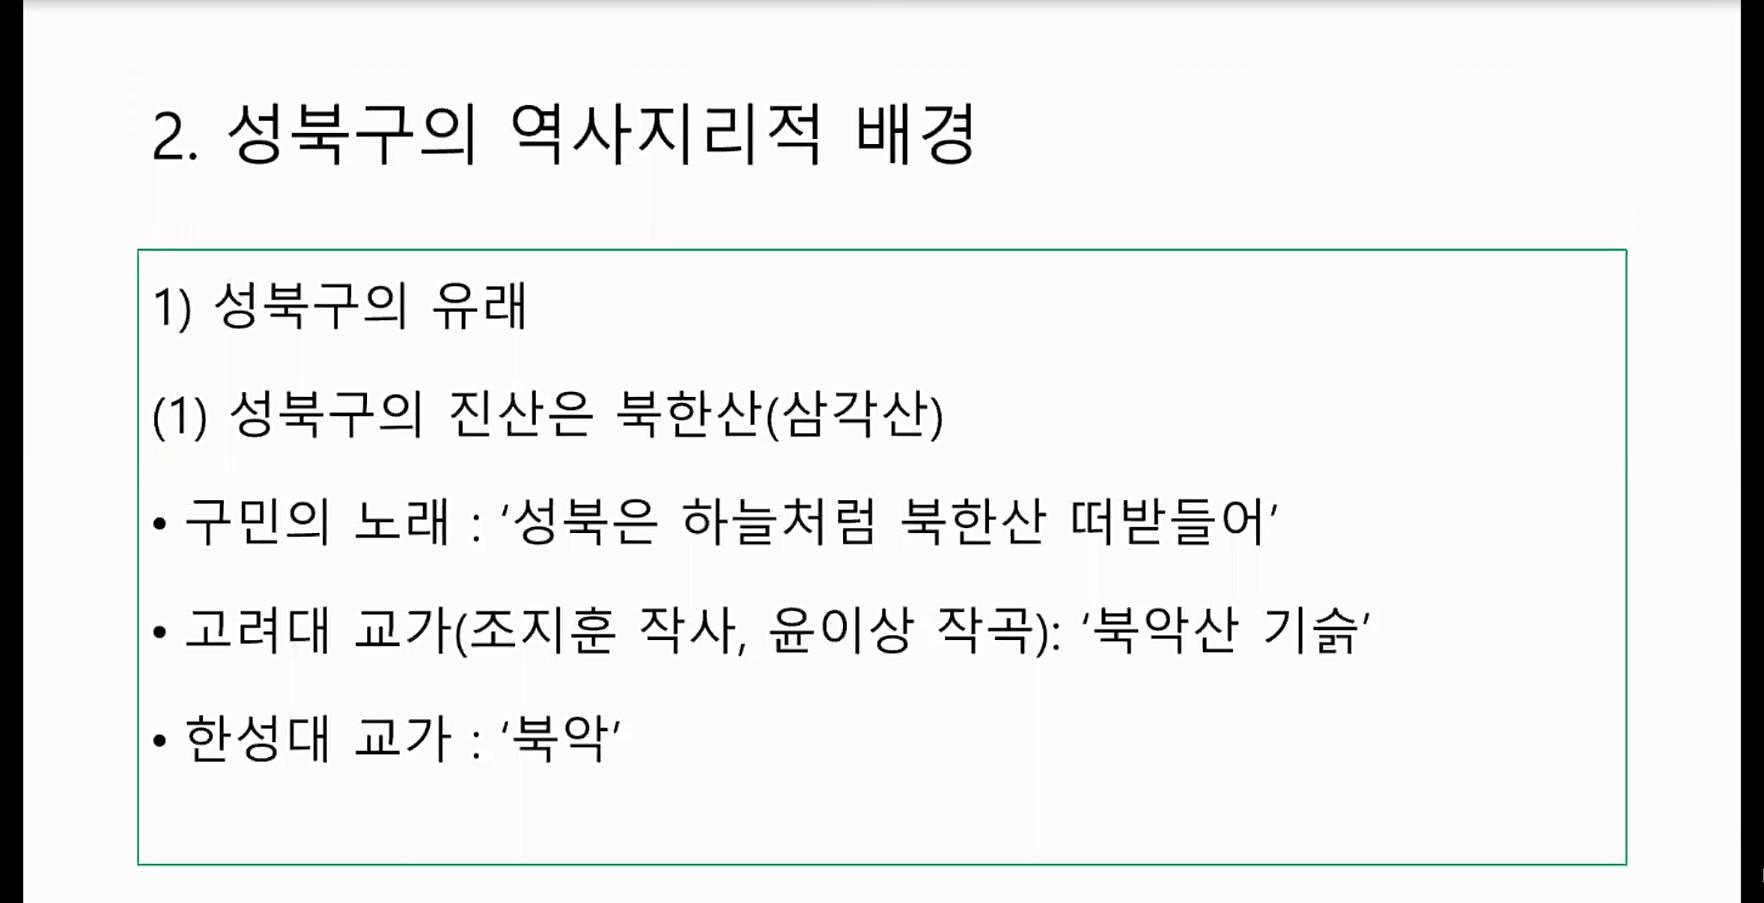 사본 -성북구 역사 속 서울 성북 제3강_여성구교수님 캡처2.png